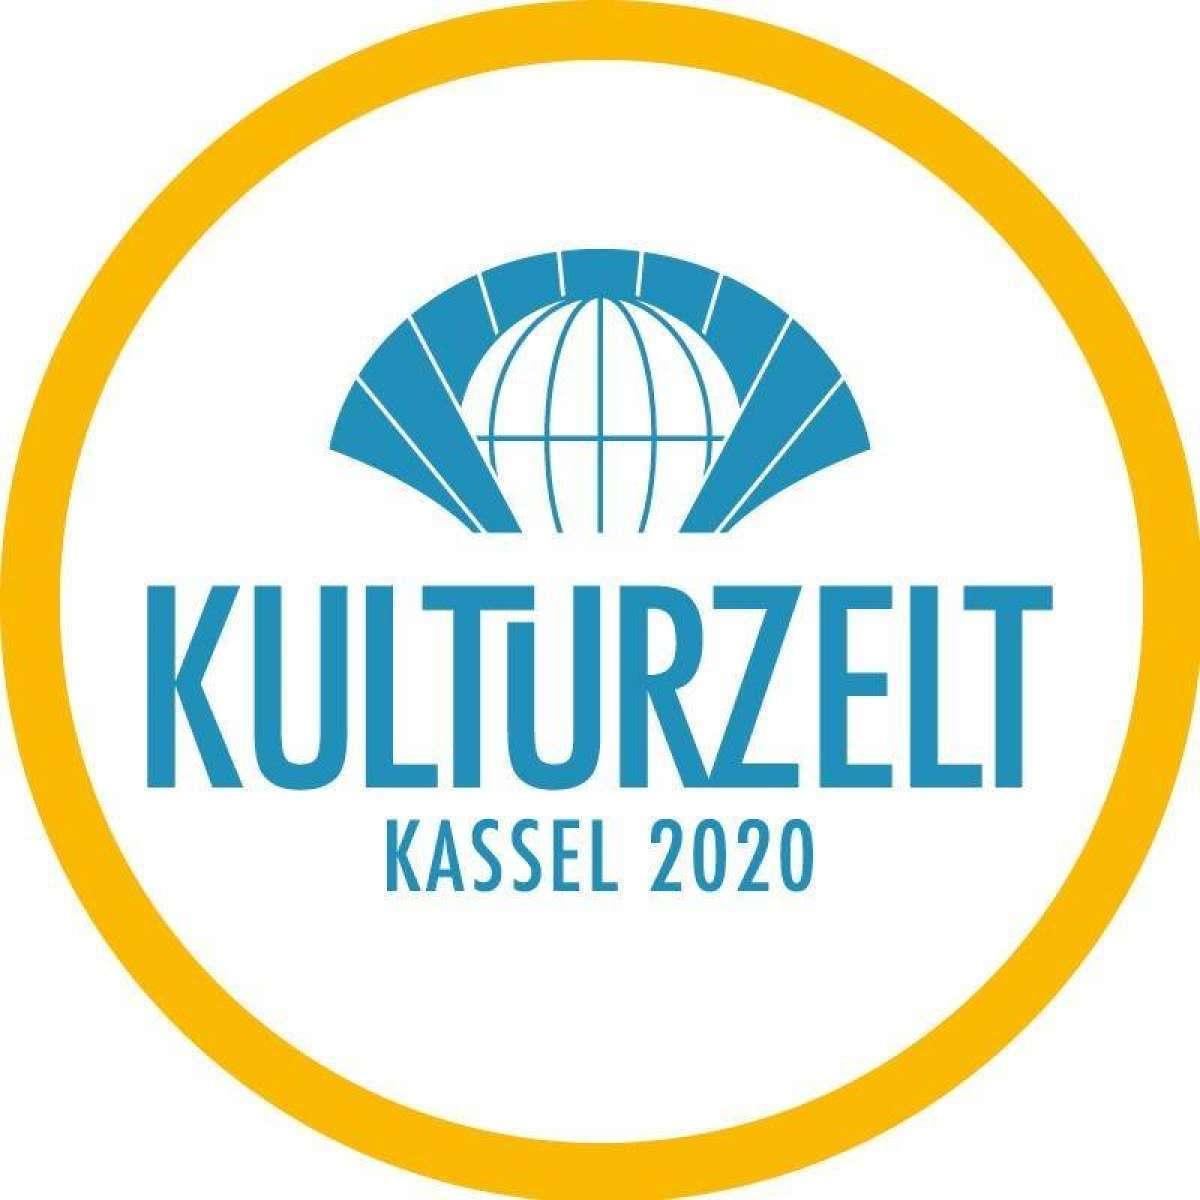 ABGESAGT: Kulturzelt Kassel 2020 - tba - Kulturzelt  - Kassel